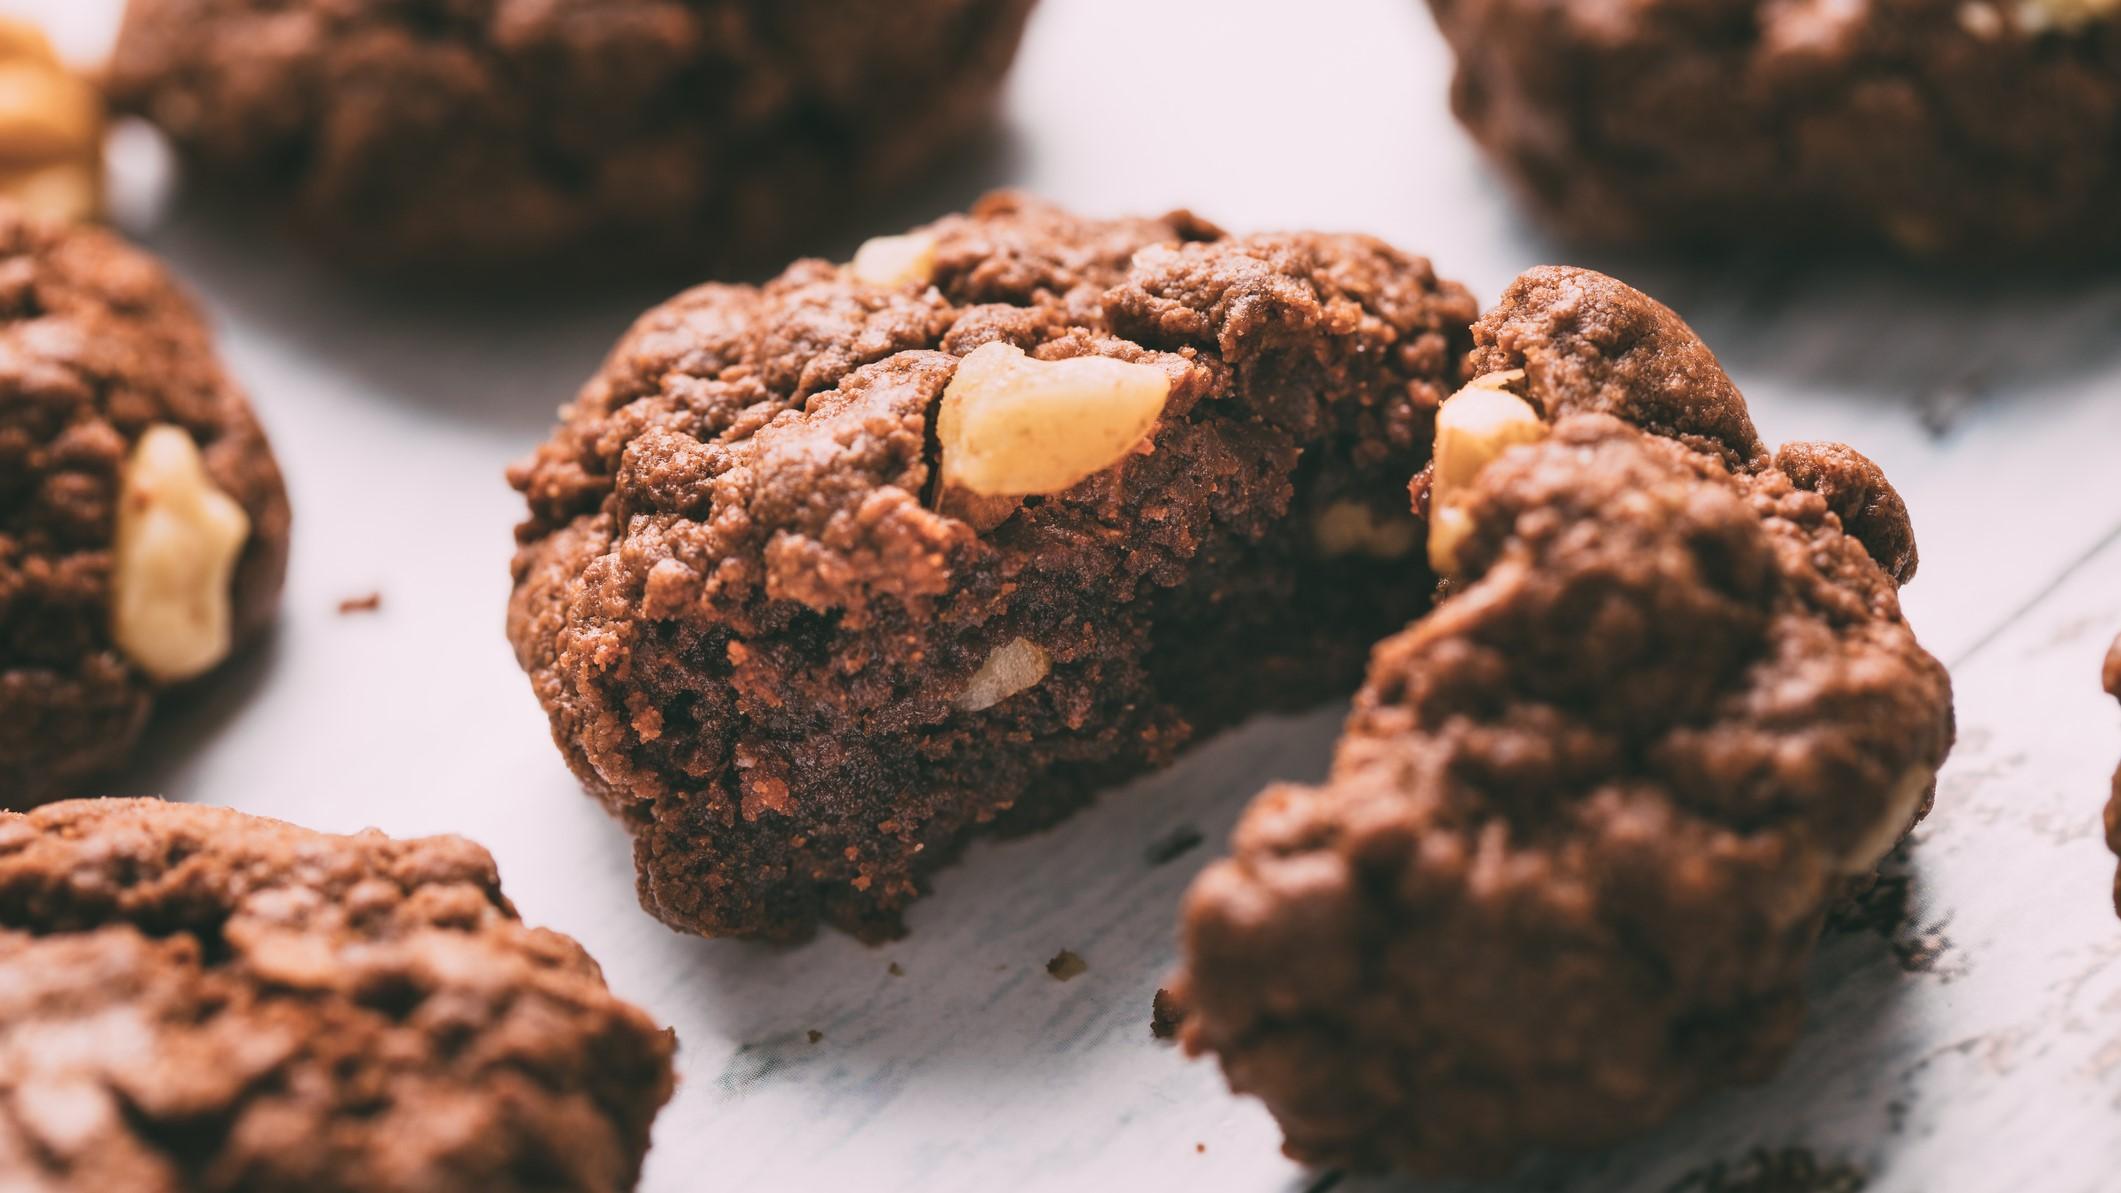 Ein angeschnittener Chocolate Chip Cookie mit dreierlei Schokolade auf hellem Holzuntergrund, drumherum sieht man unscharf ein paar weitere Kekse.